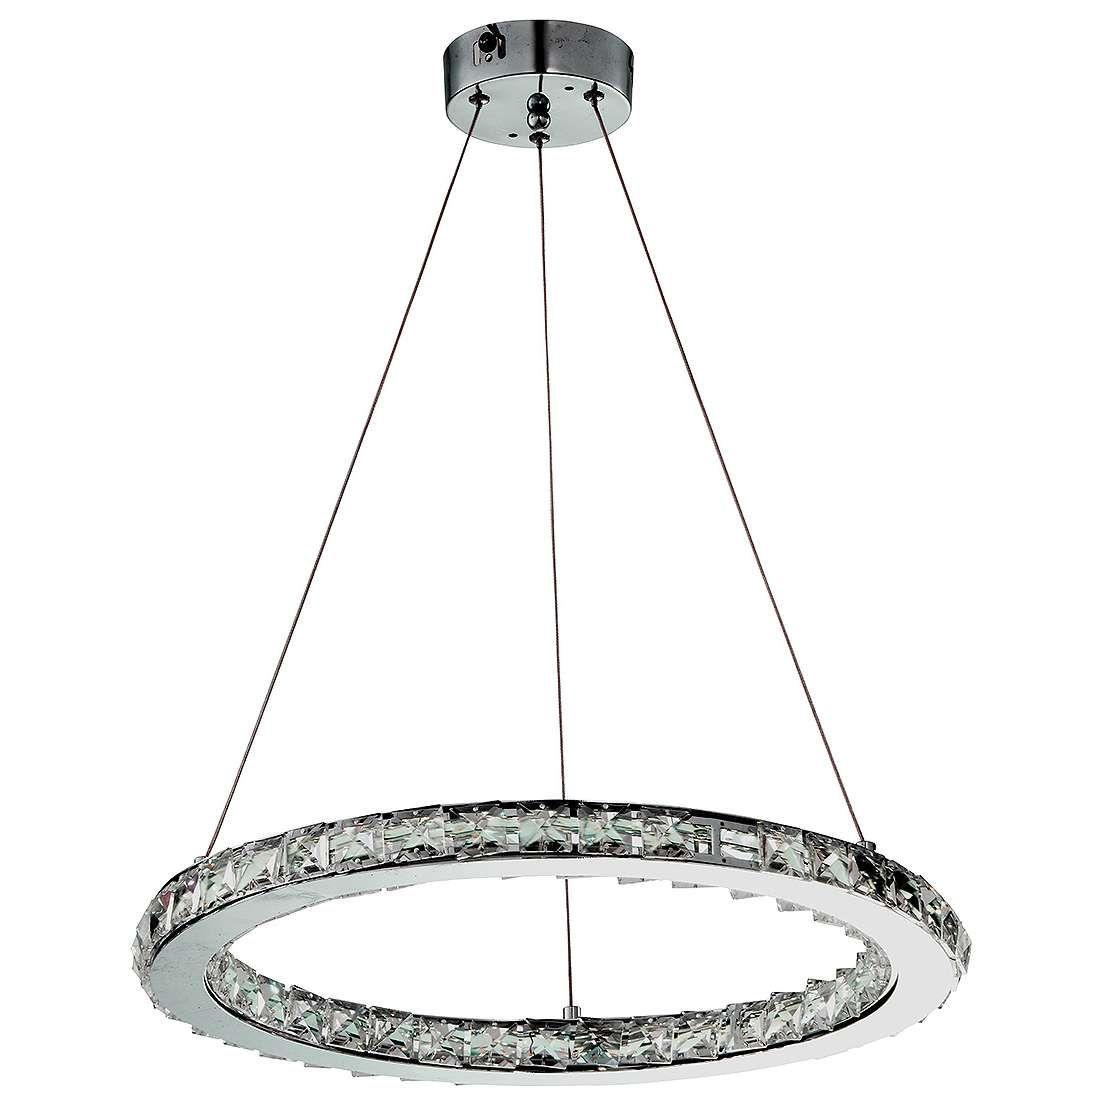 Mlamp oświetlenie wisząca lampa nowoczesna glamour wystrój wnętrz zwis salon kryształki